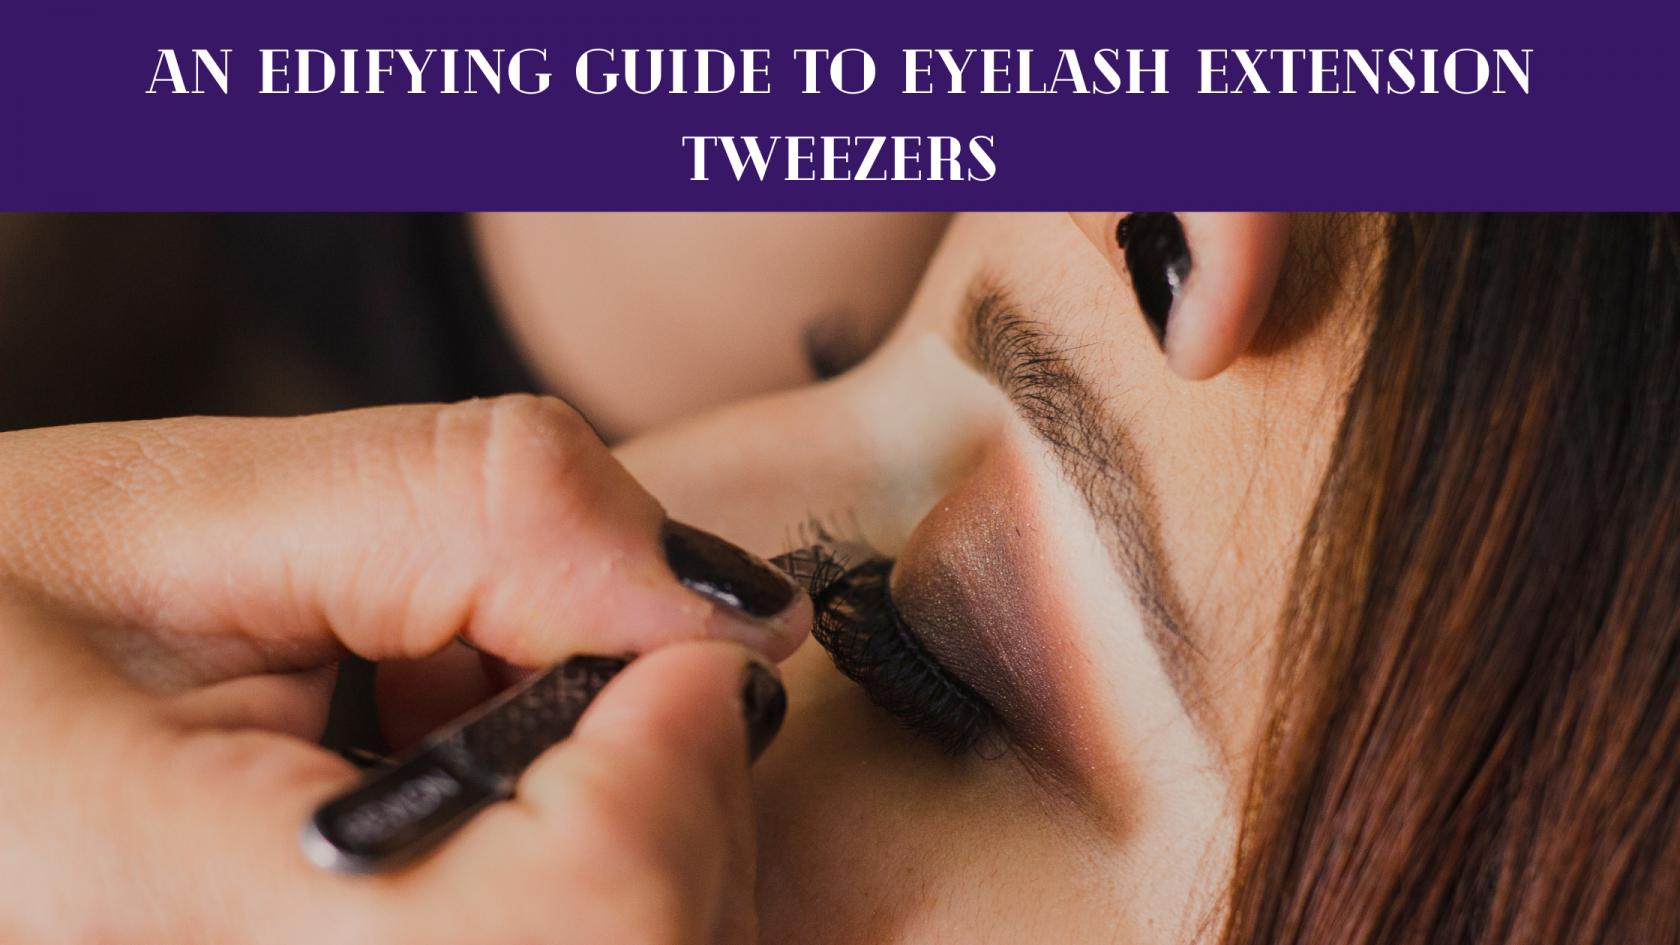 Guide To Eyelash Extension Tweezers